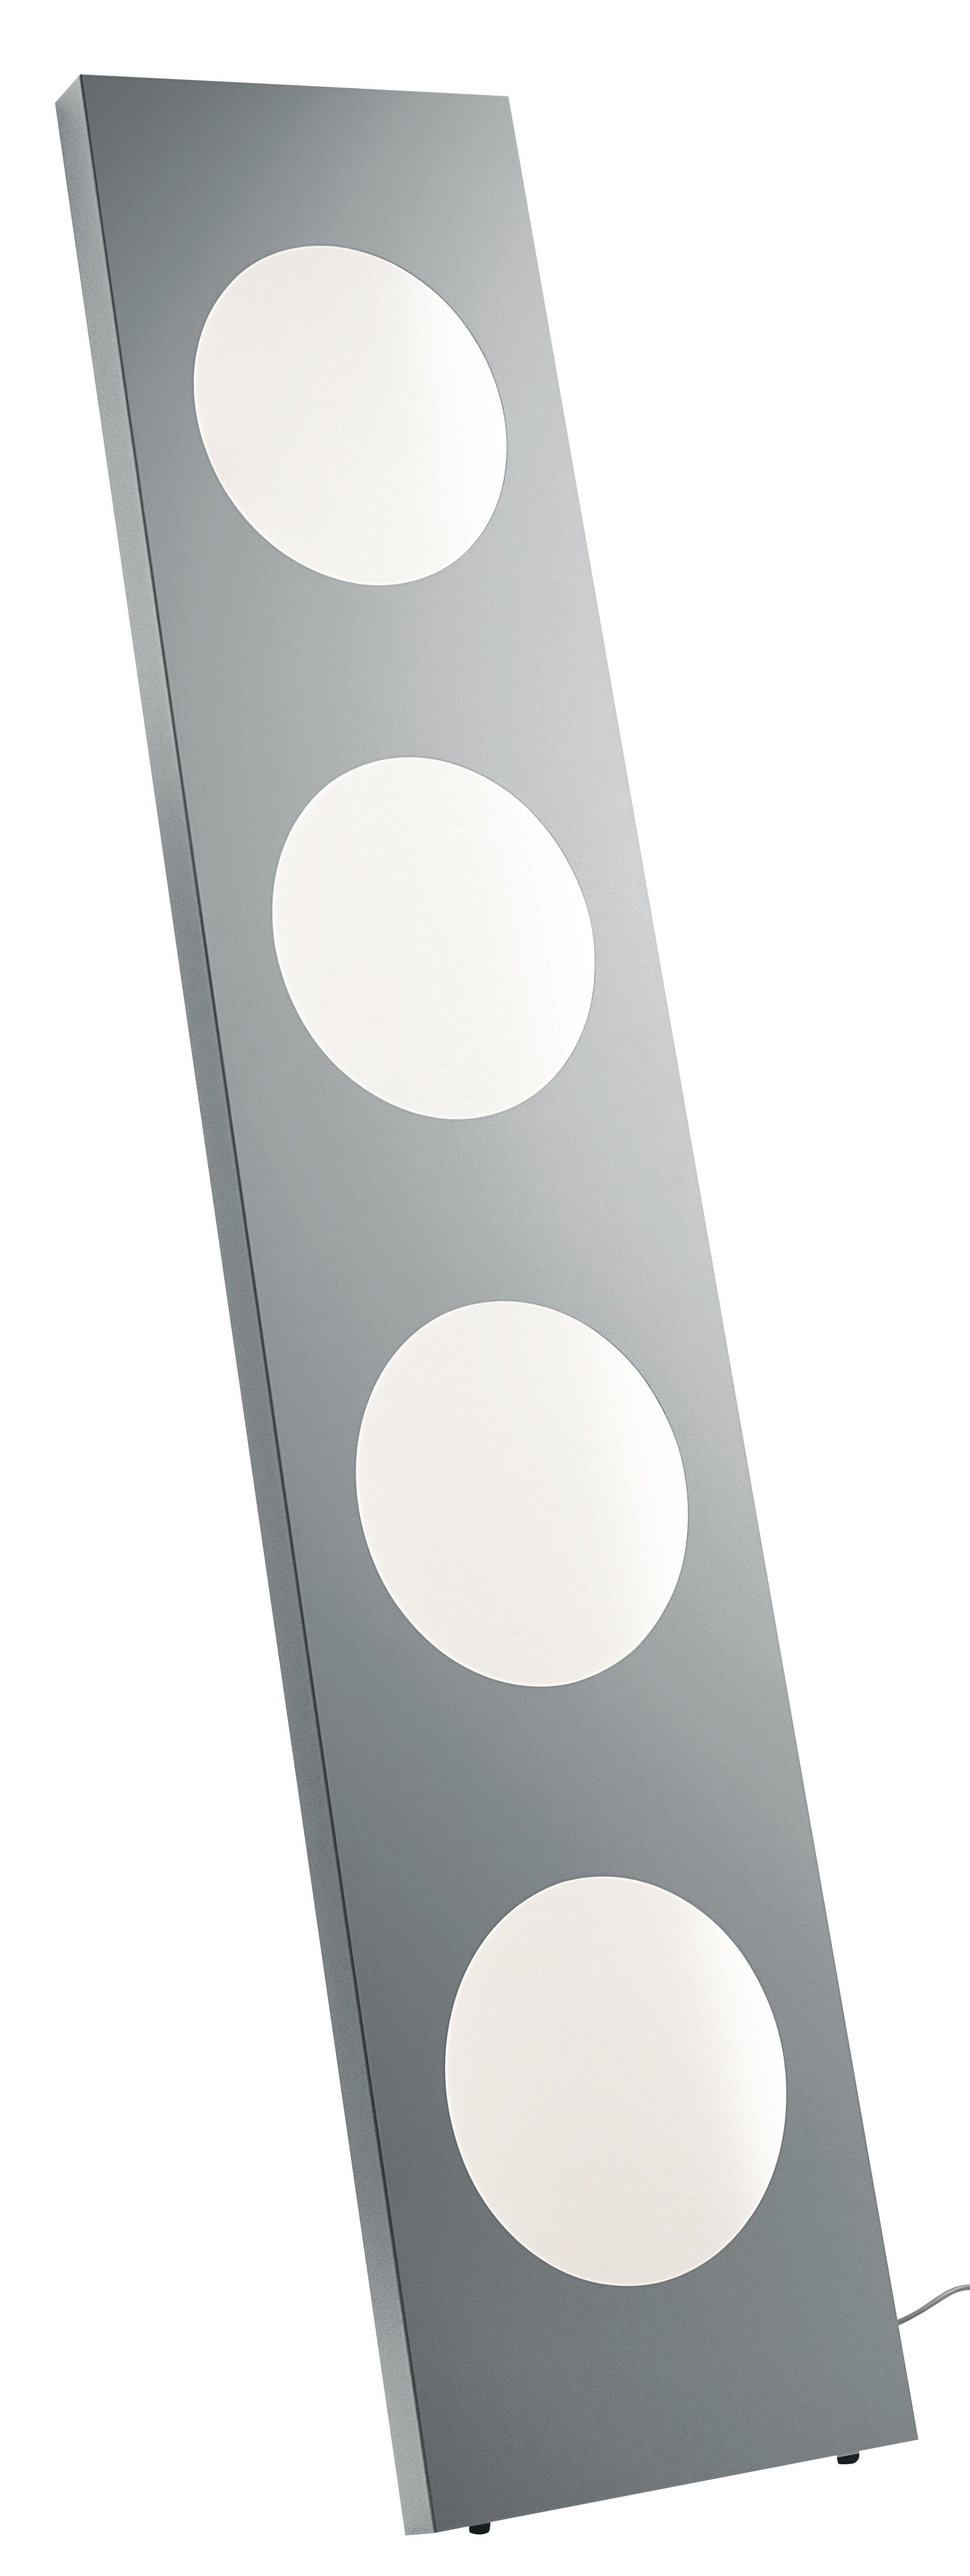 Lighting - Floor lamps - Dolmen Floor lamp - LED / L 40 x H 180 cm by Foscarini - Aluminium - Anodised aluminium, PMMA